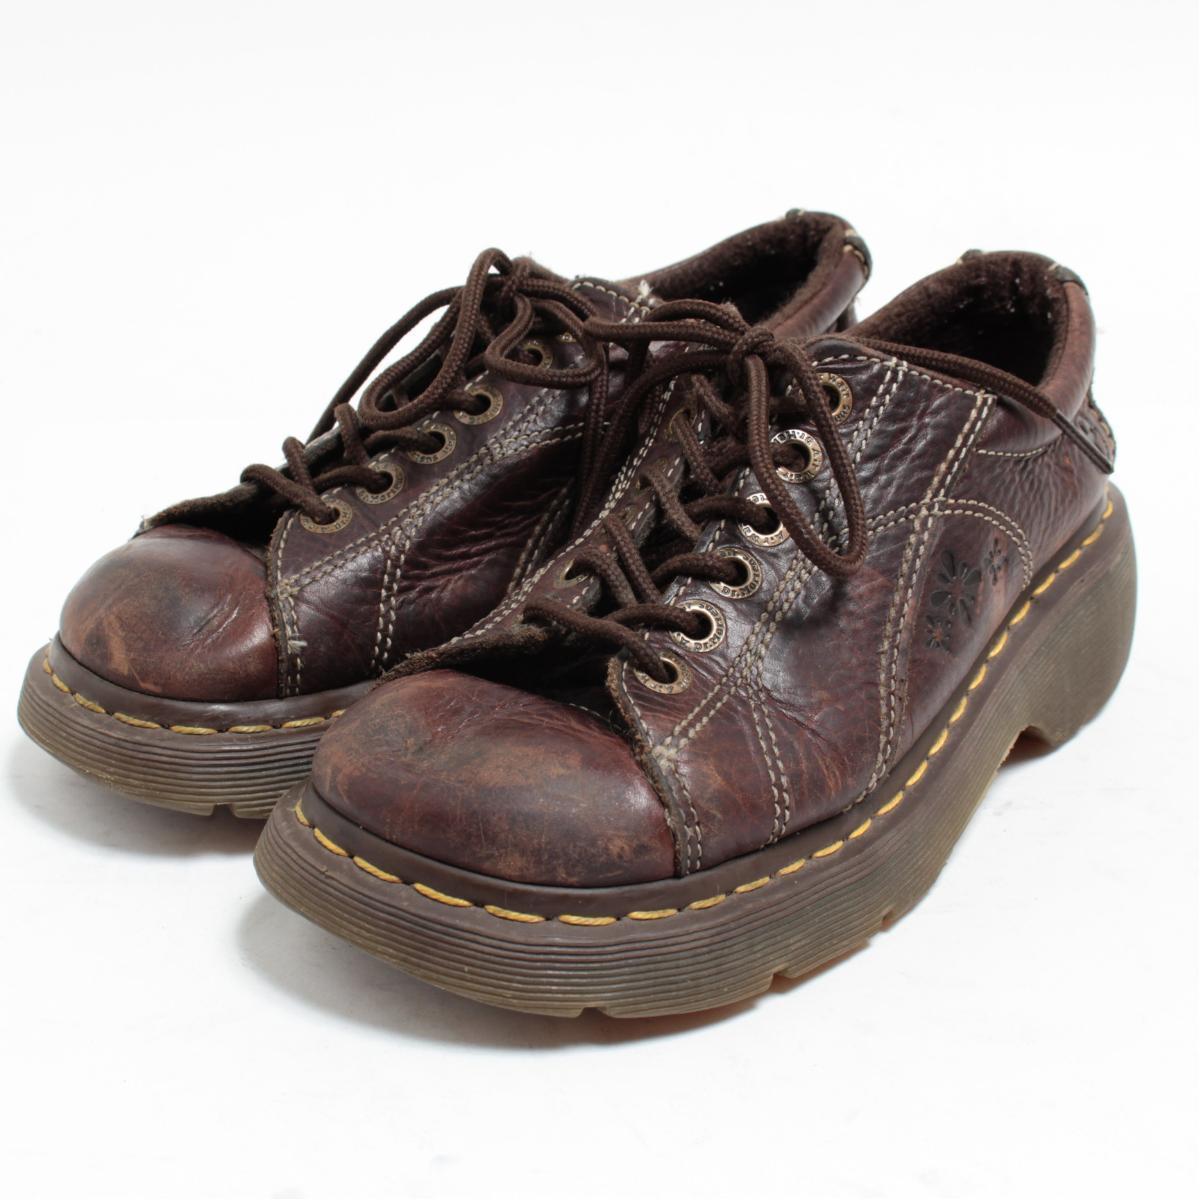 af2871b901d Doctor Martin Dr.Martens monkey boots UK4 Lady's 22.5cm /bol5448